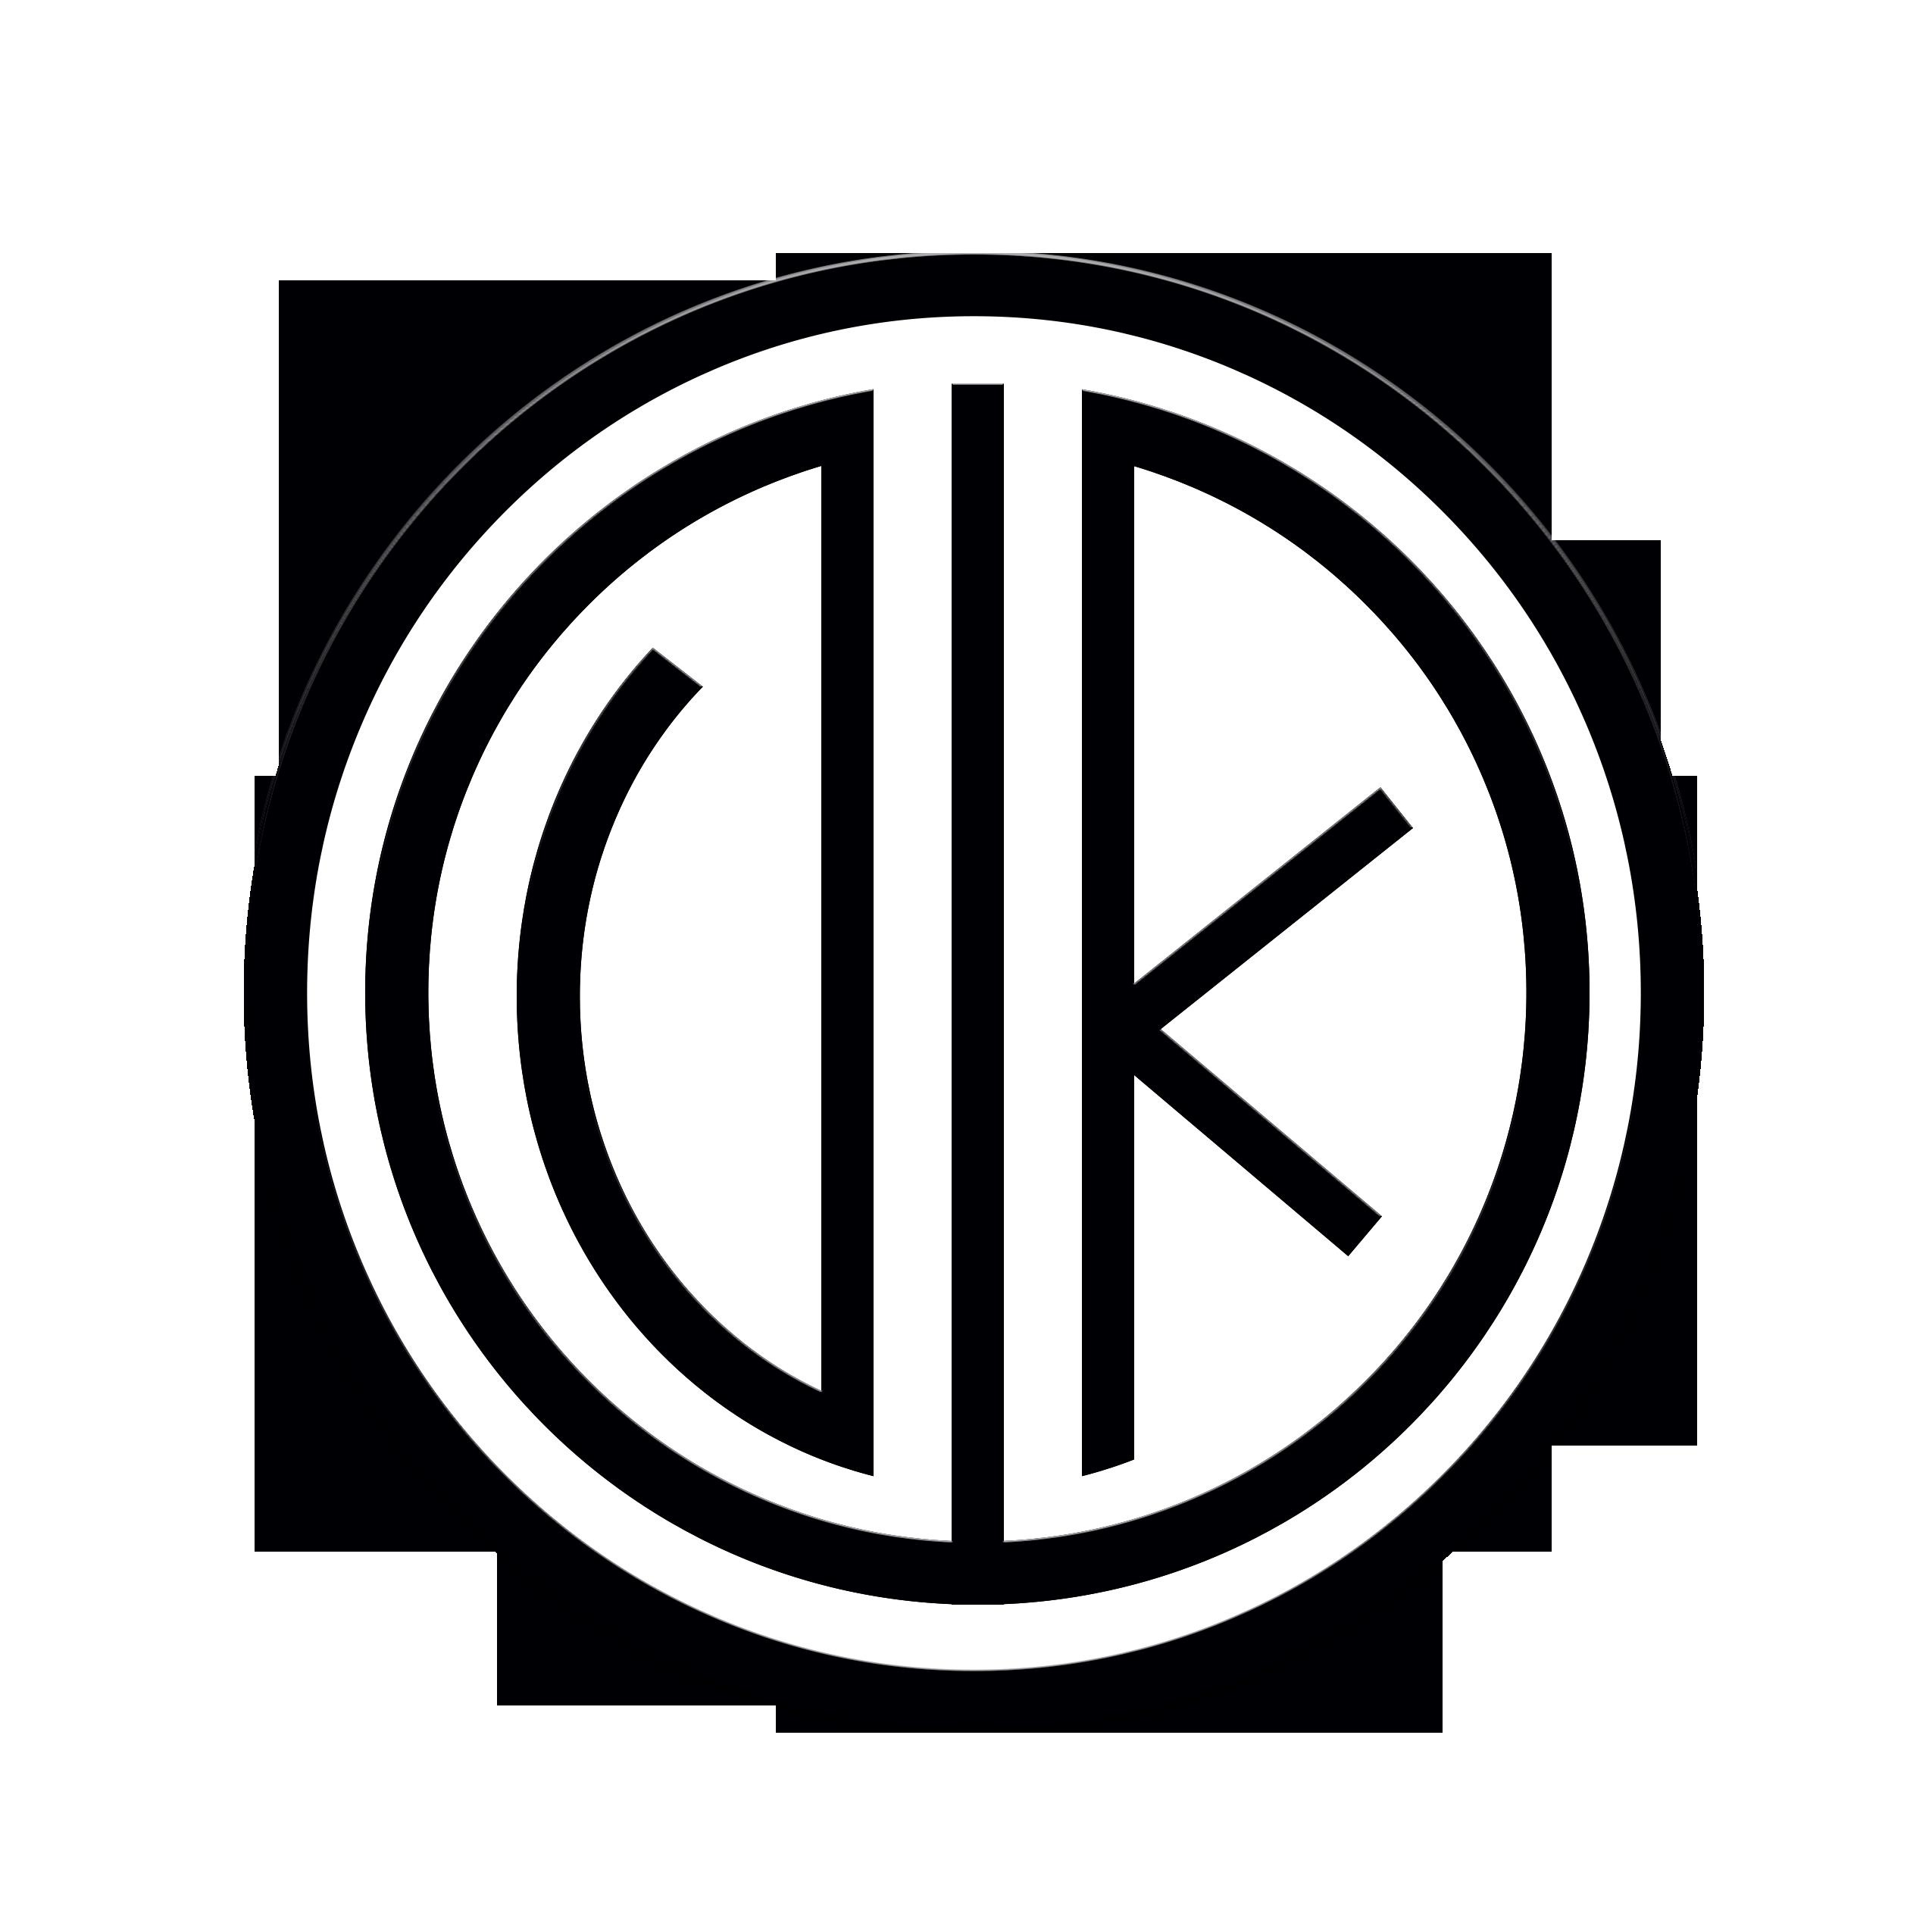 V.K. Monogram